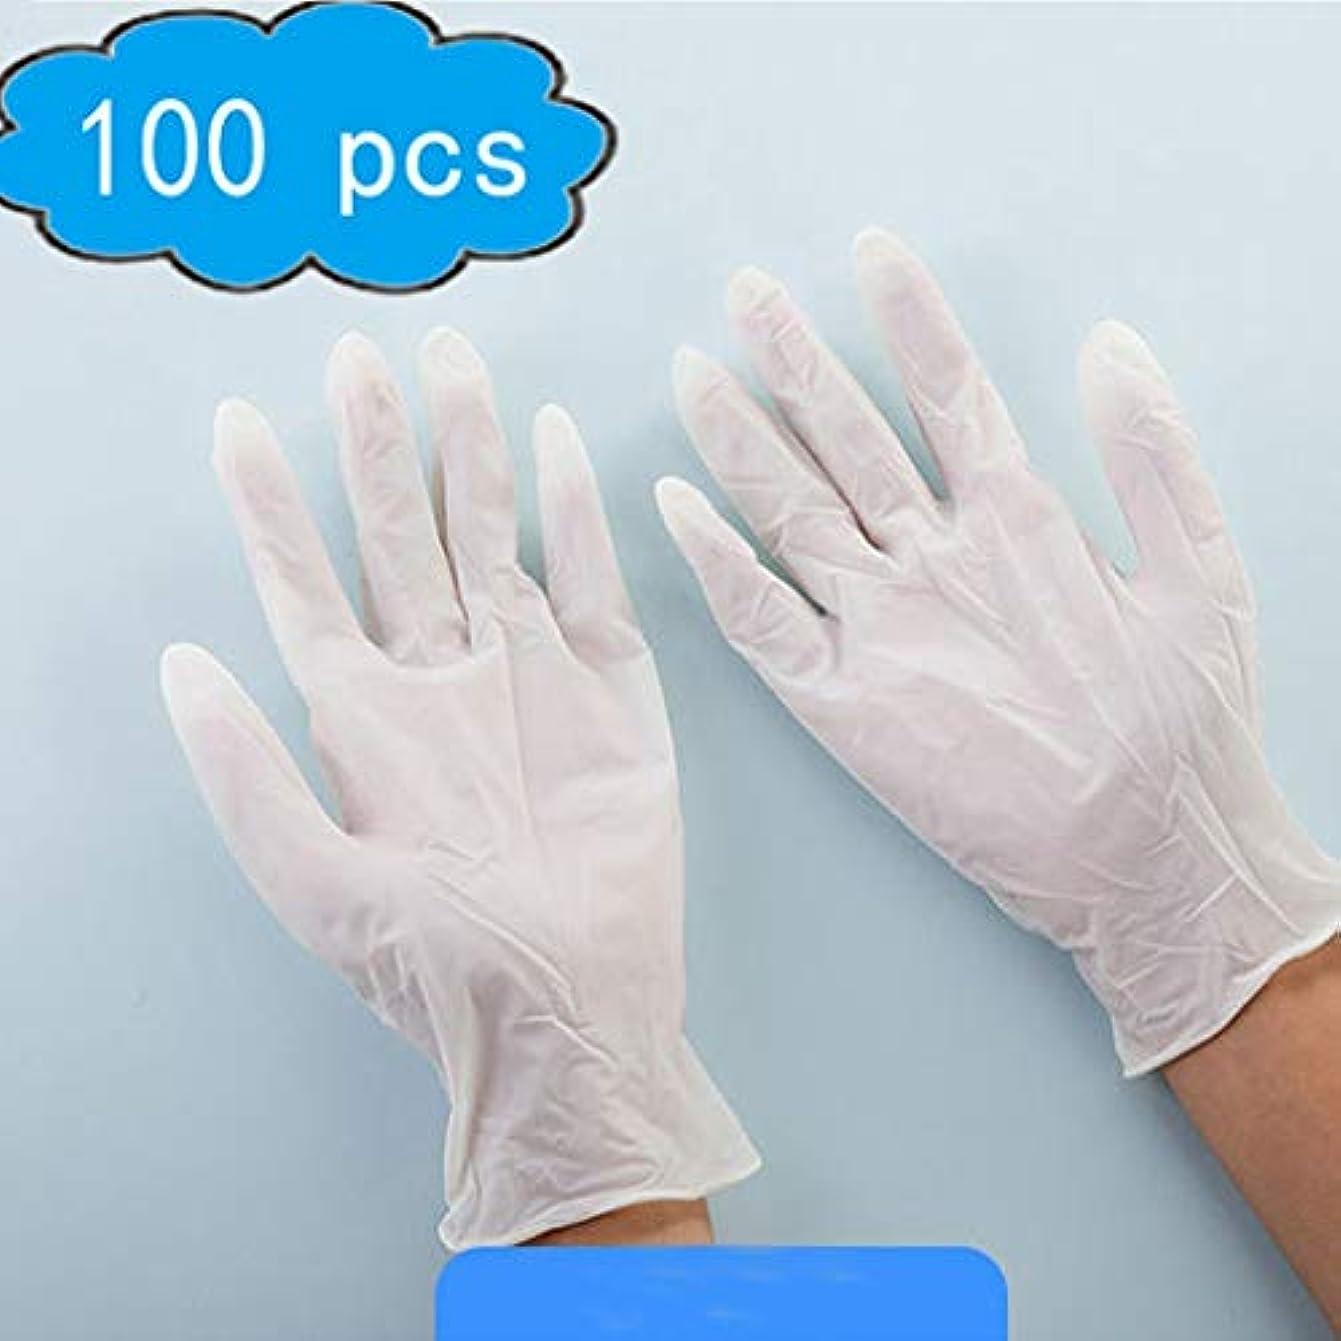 華氏観光に行く本を読む使い捨て手袋、厚手版、白い粉のない使い捨てニトリル手袋[100パック] - 大、サニタリー手袋、応急処置用品 (Color : White, Size : S)